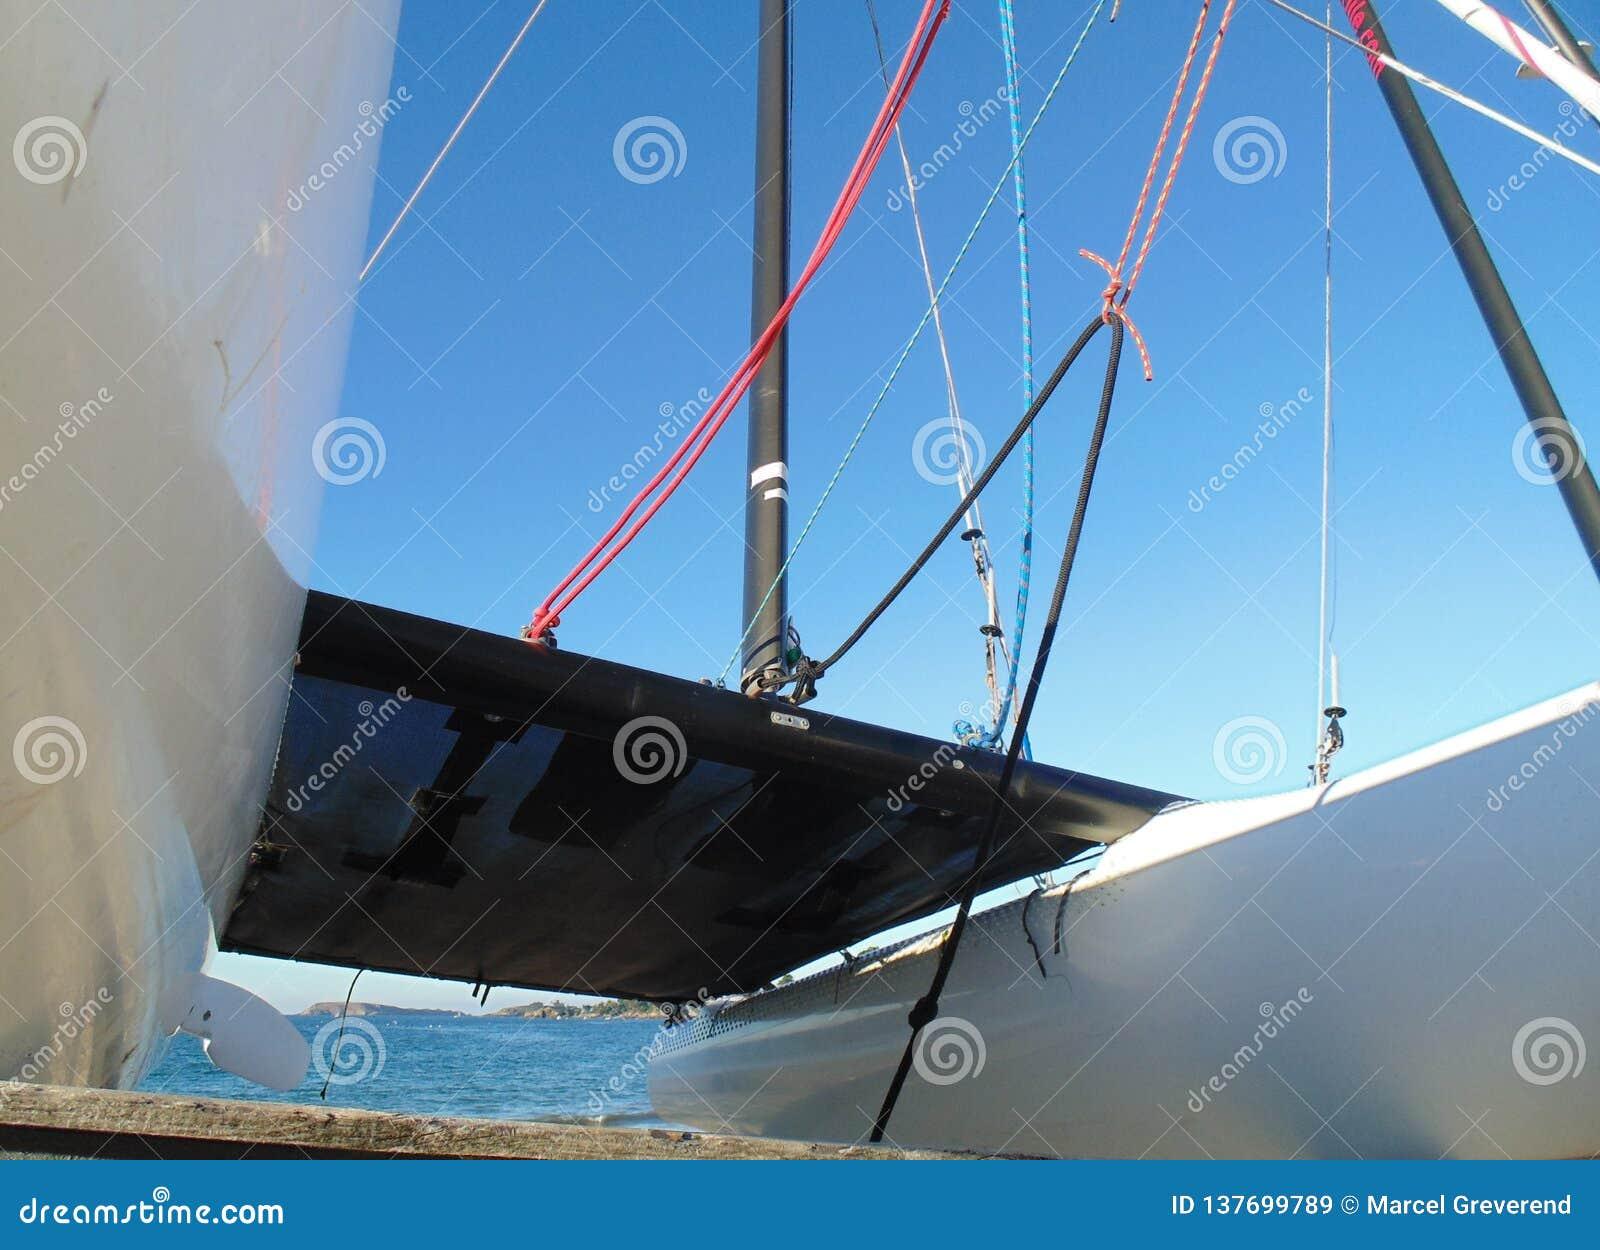 Apenas na frente do catamarã